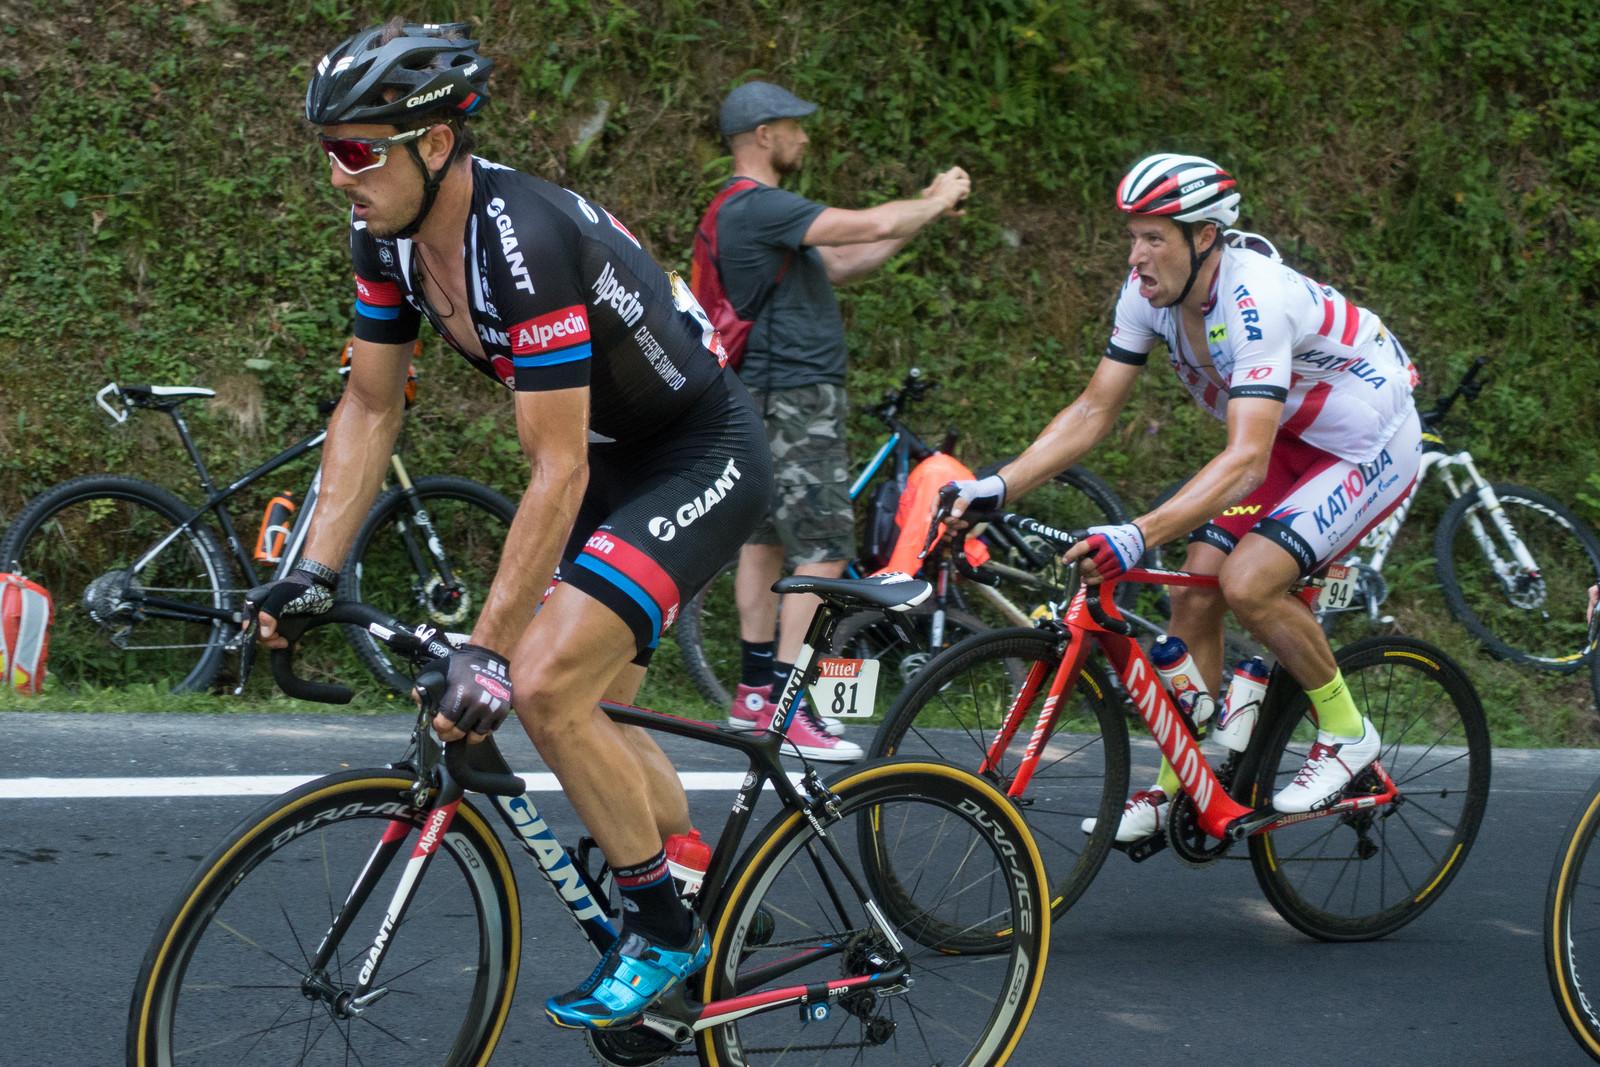 Tour de France 2015 - Stage 10-41